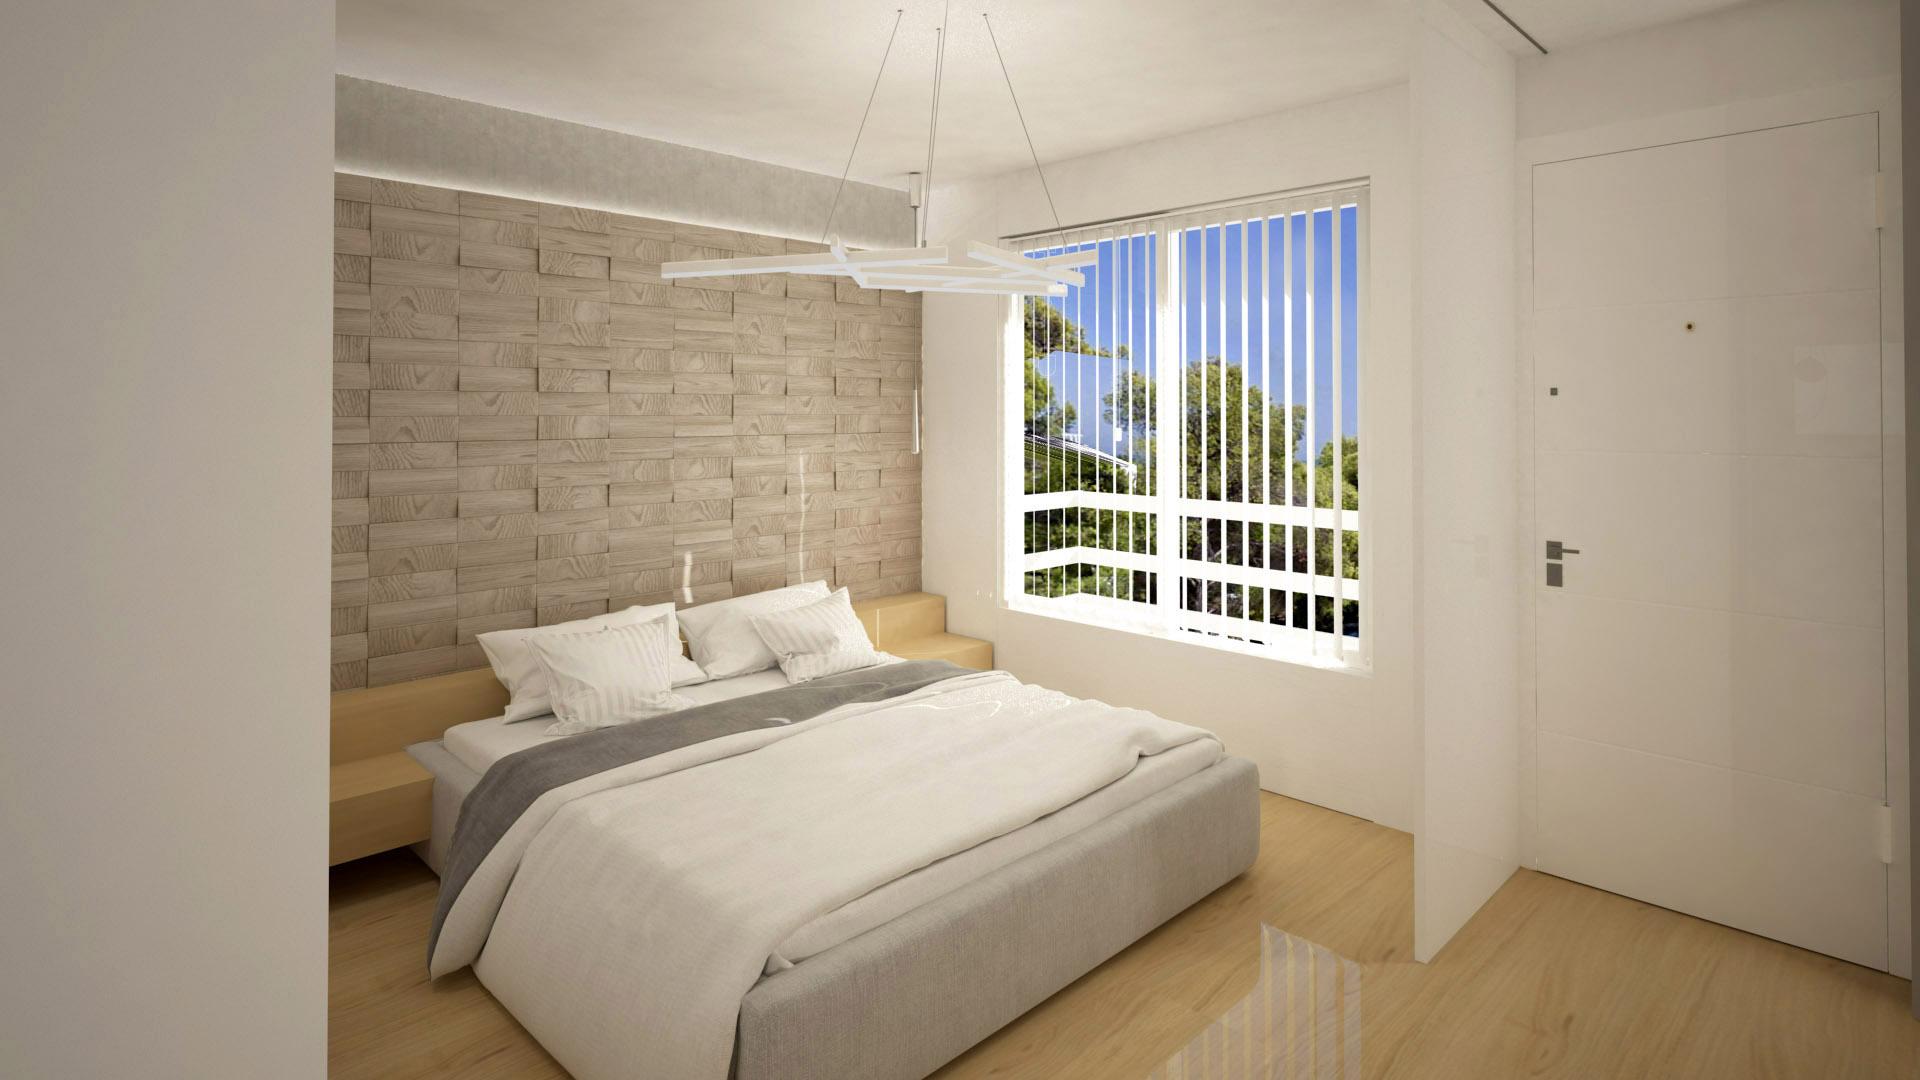 3_bedroom 2